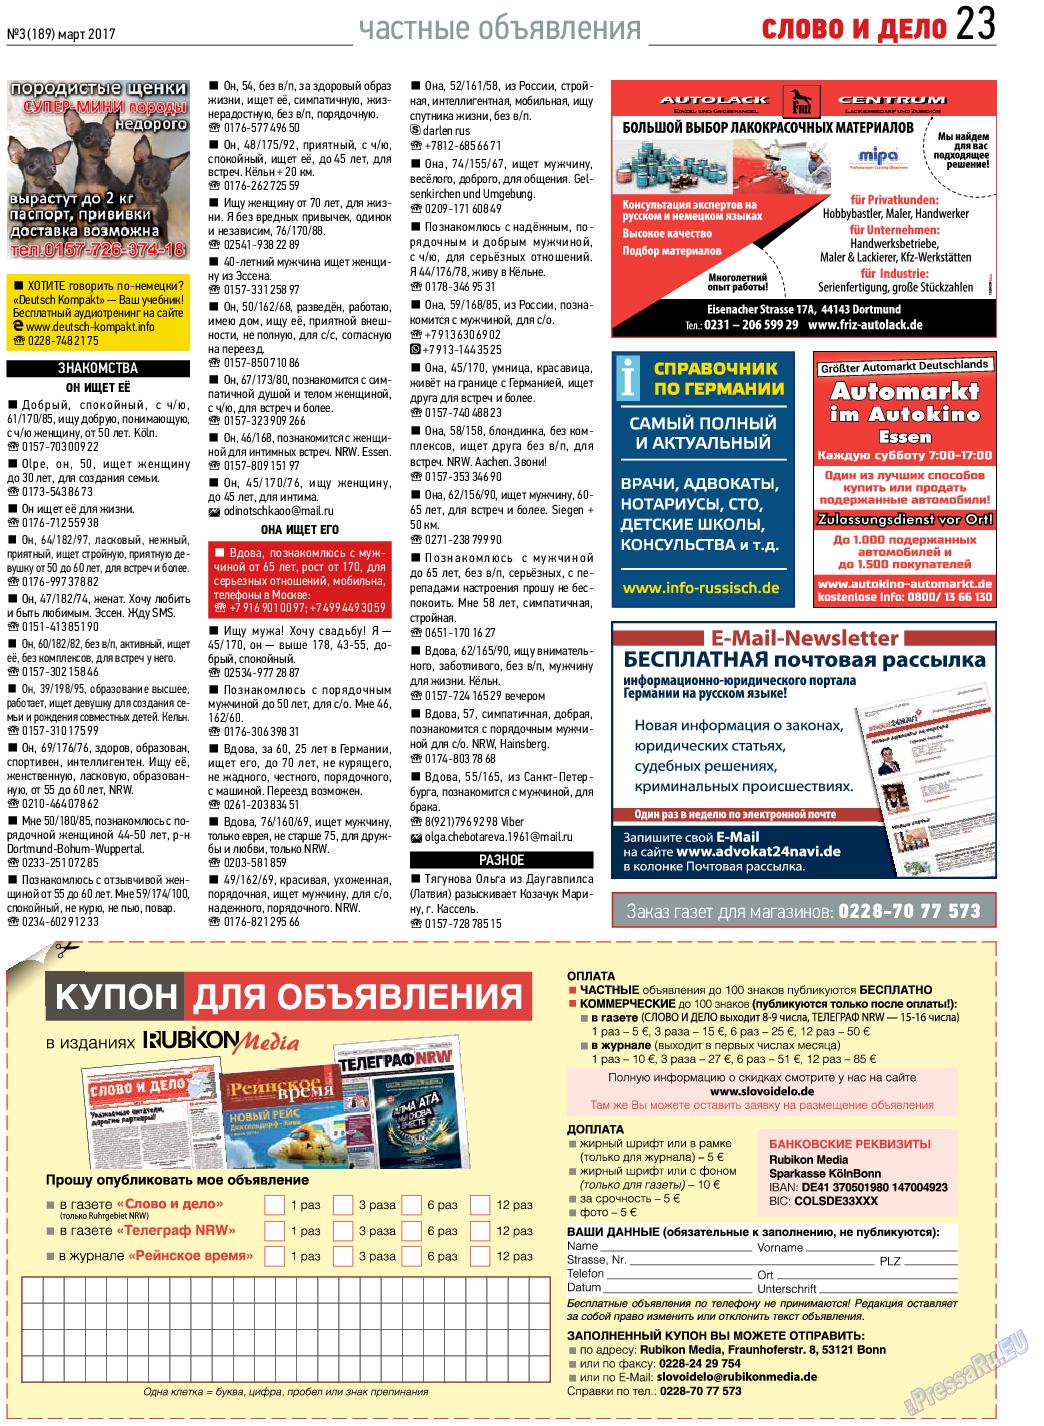 газета объявления знакомств читать онлайн